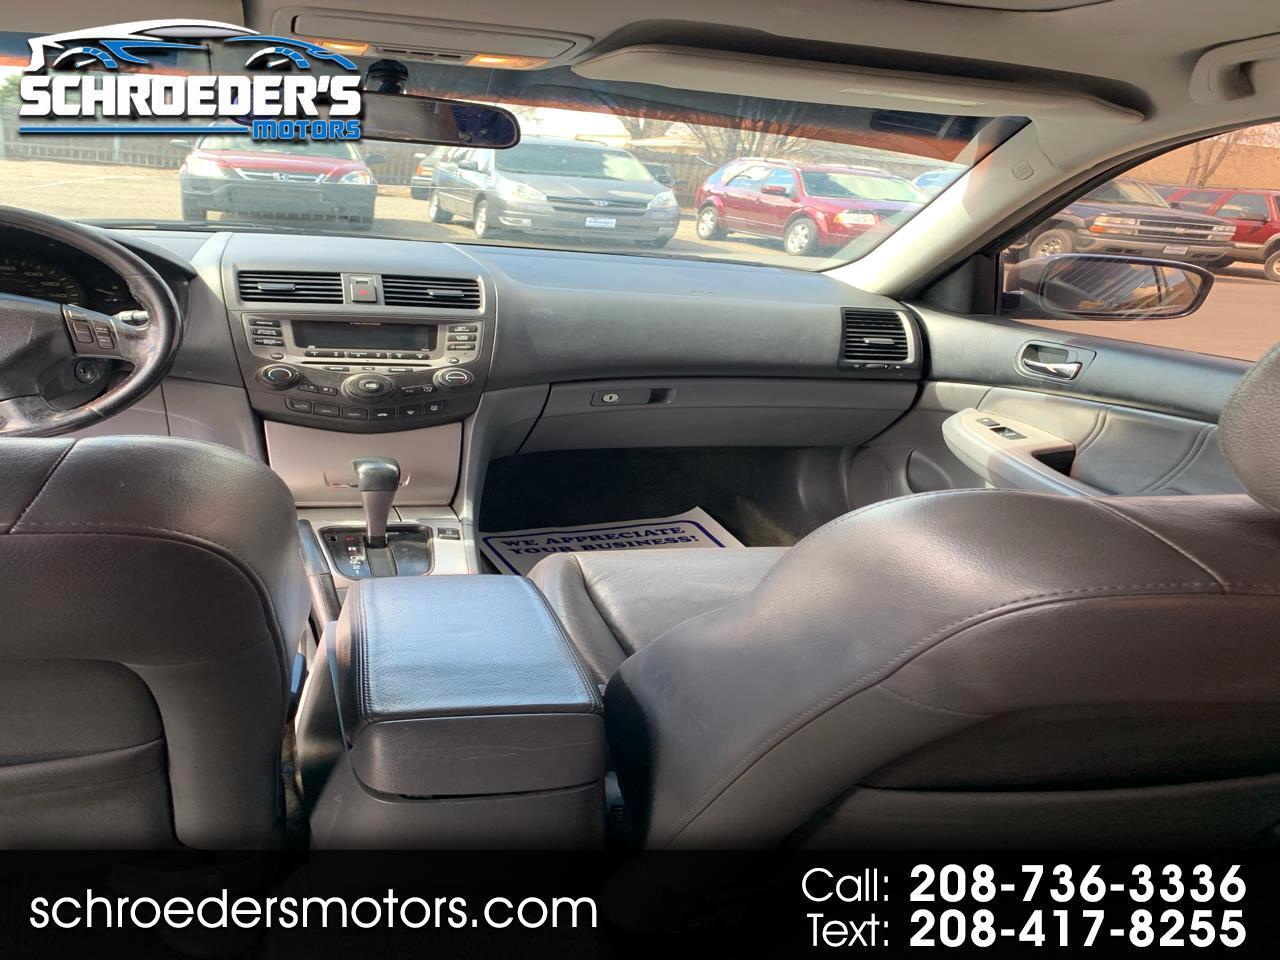 Honda Accord Sdn 4dr V6 AT EX-L 2007